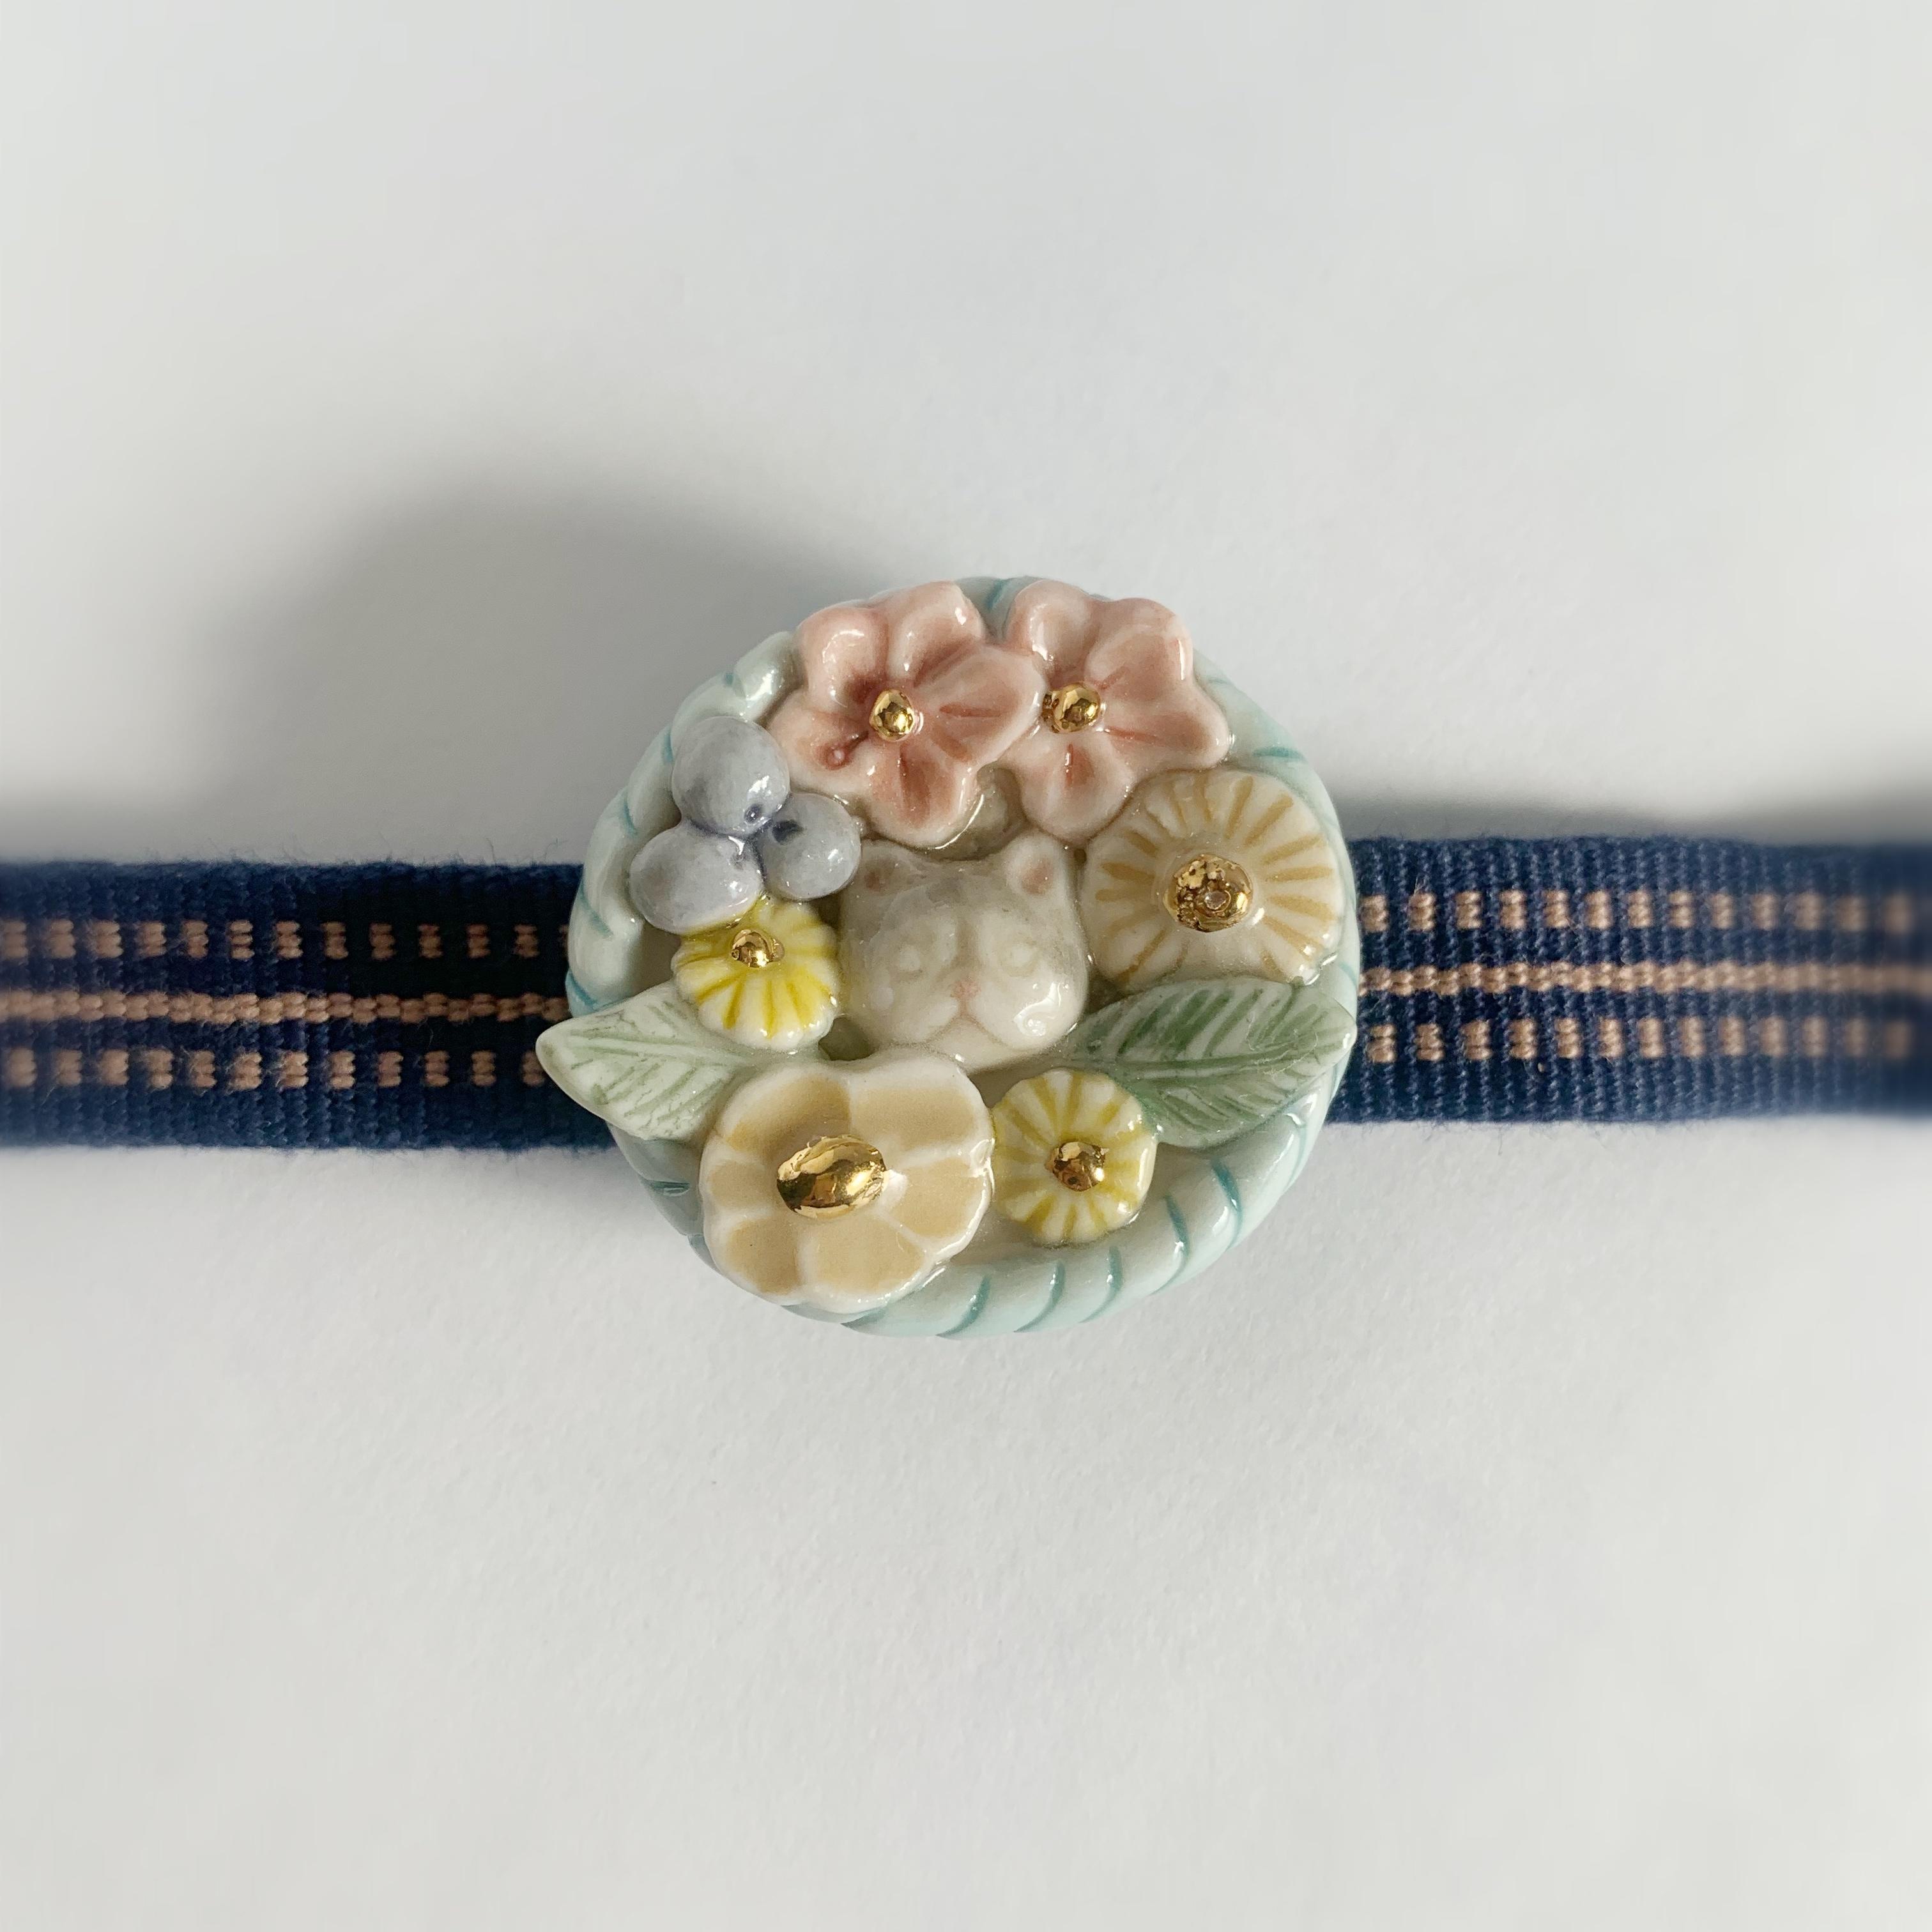 磁器製の猫と花の帯留め